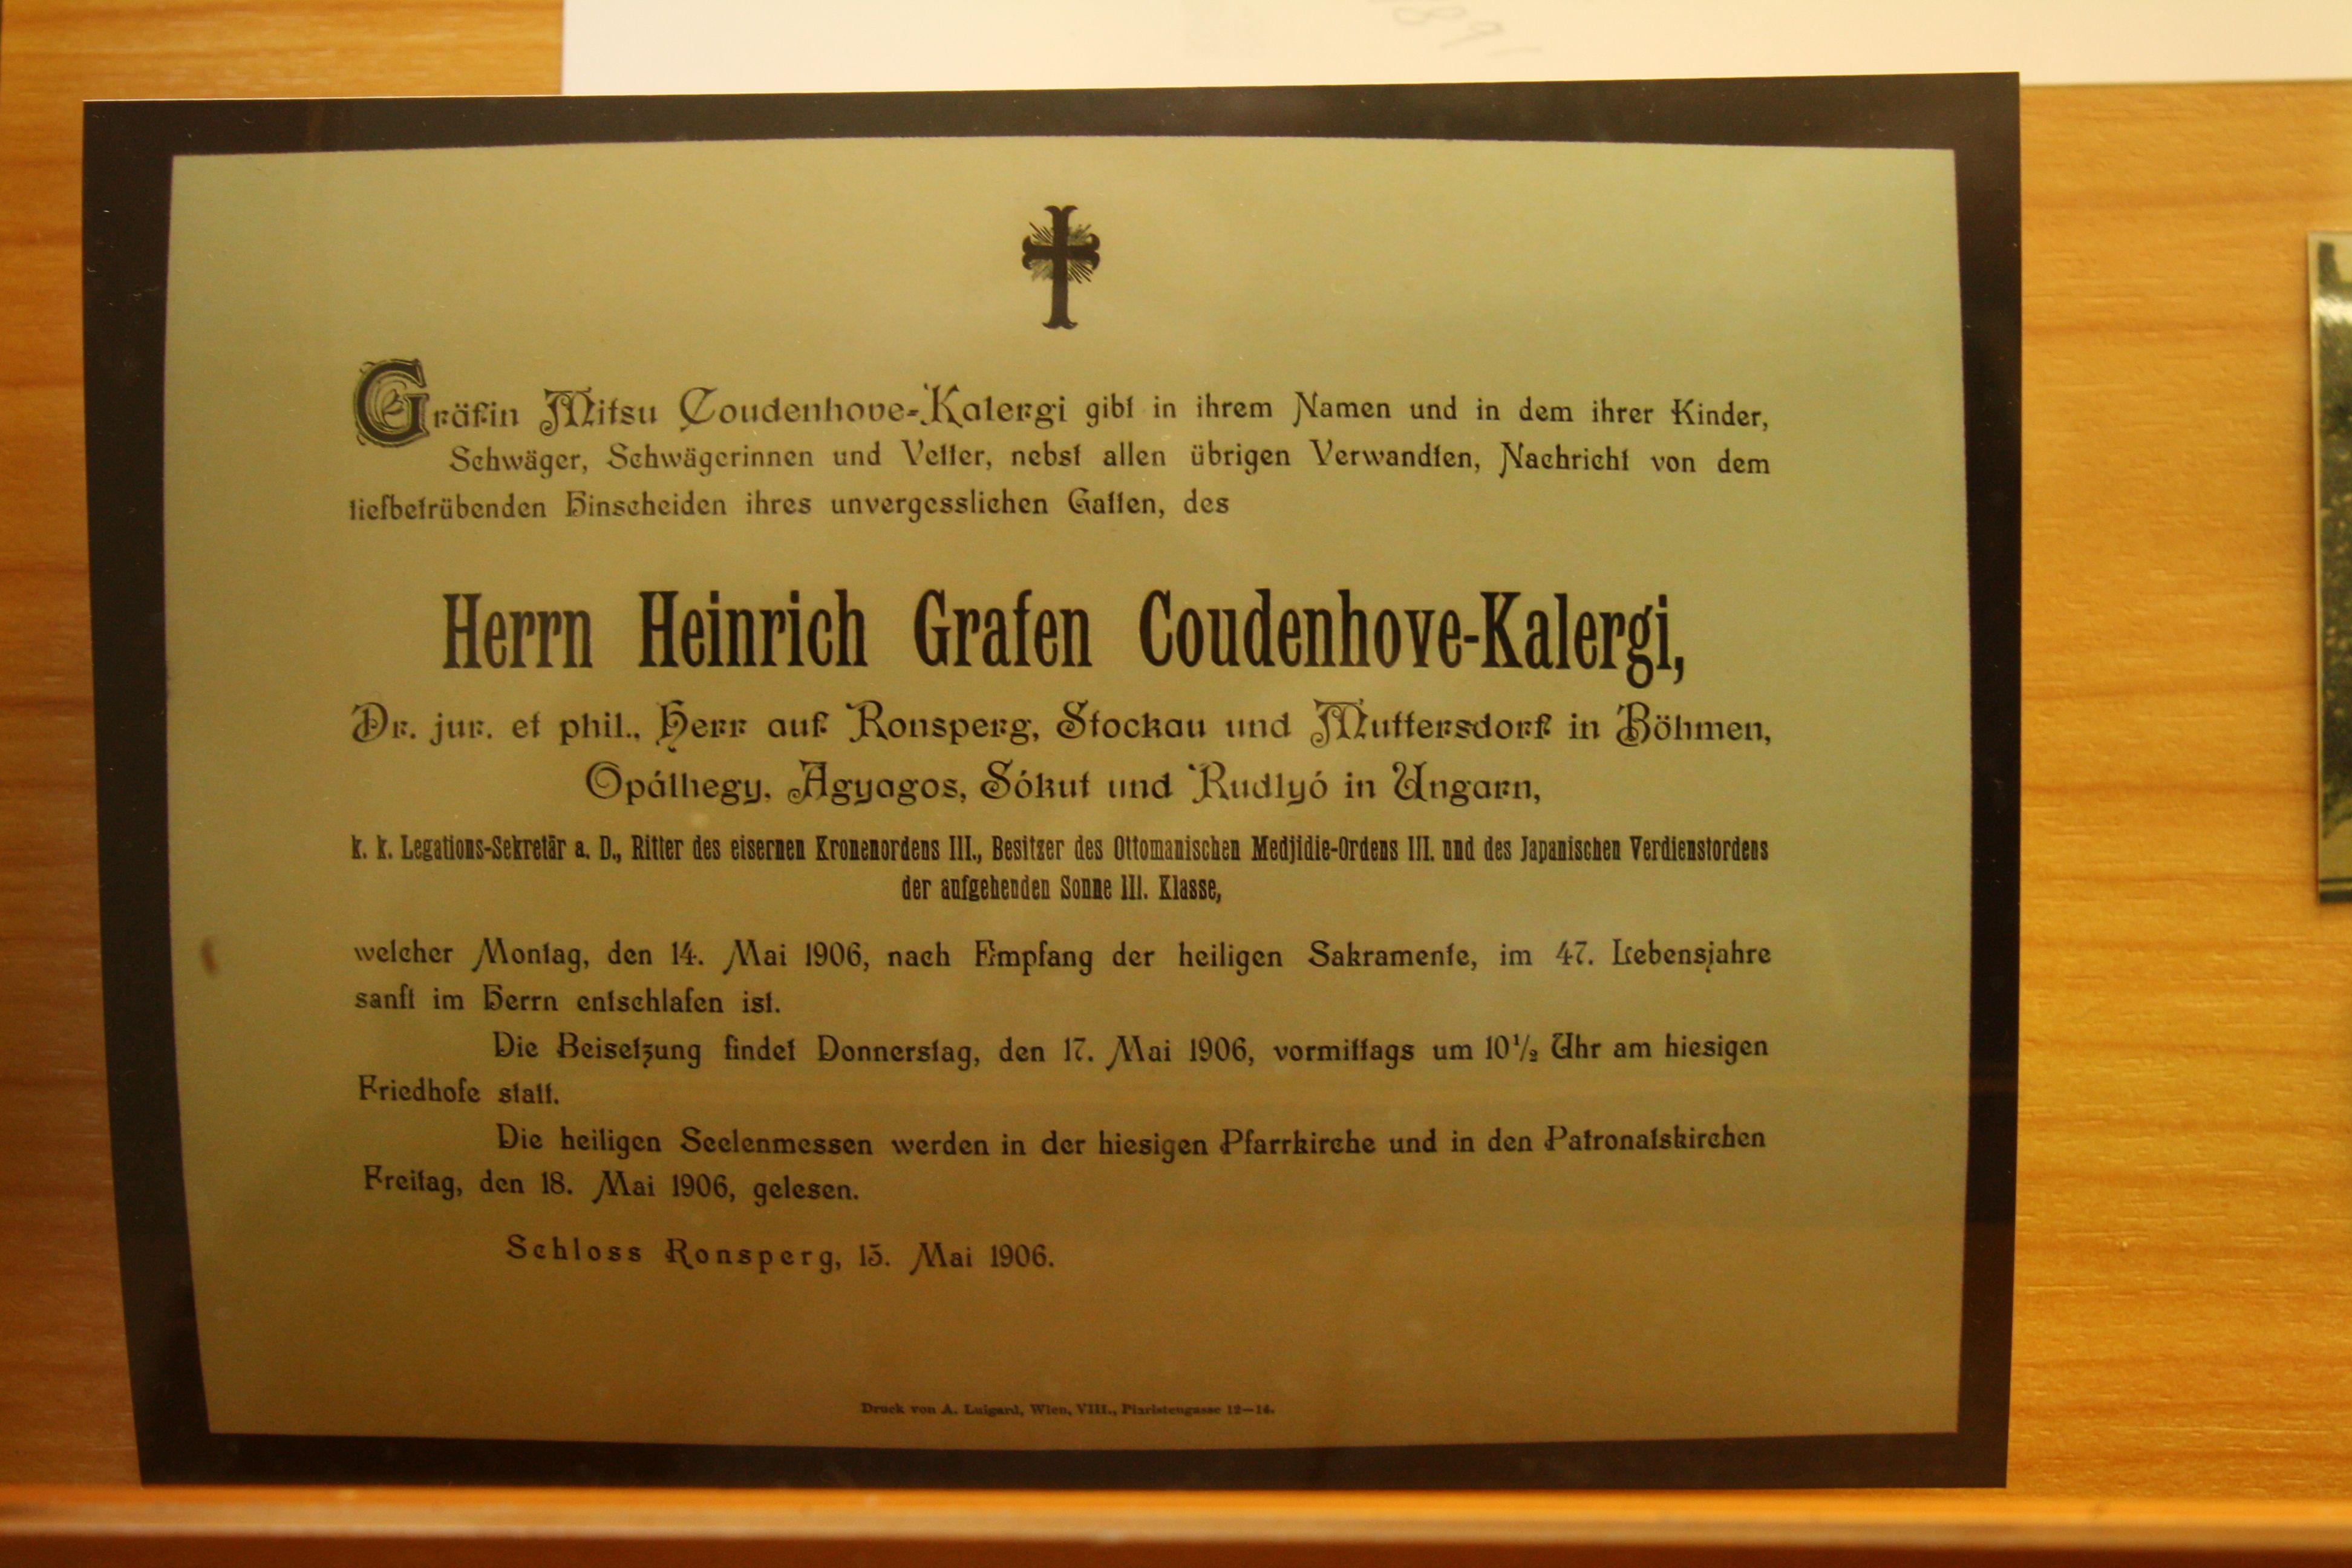 Heinrich von Coudenhove-Kalergi